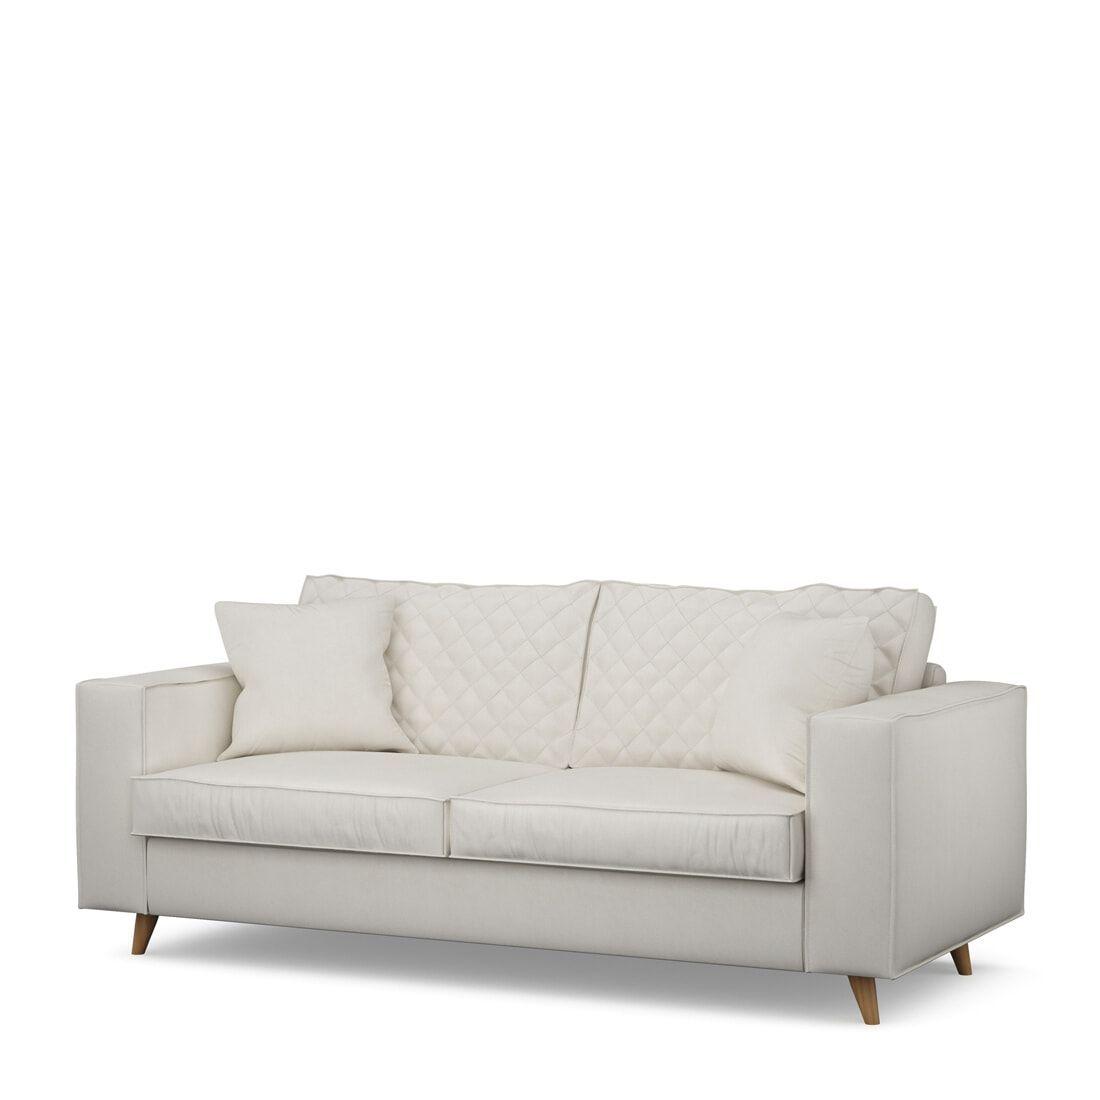 Rivièra Maison 2,5-zits Bank 'Kendall' Oxford Weave, kleur Alaskan White